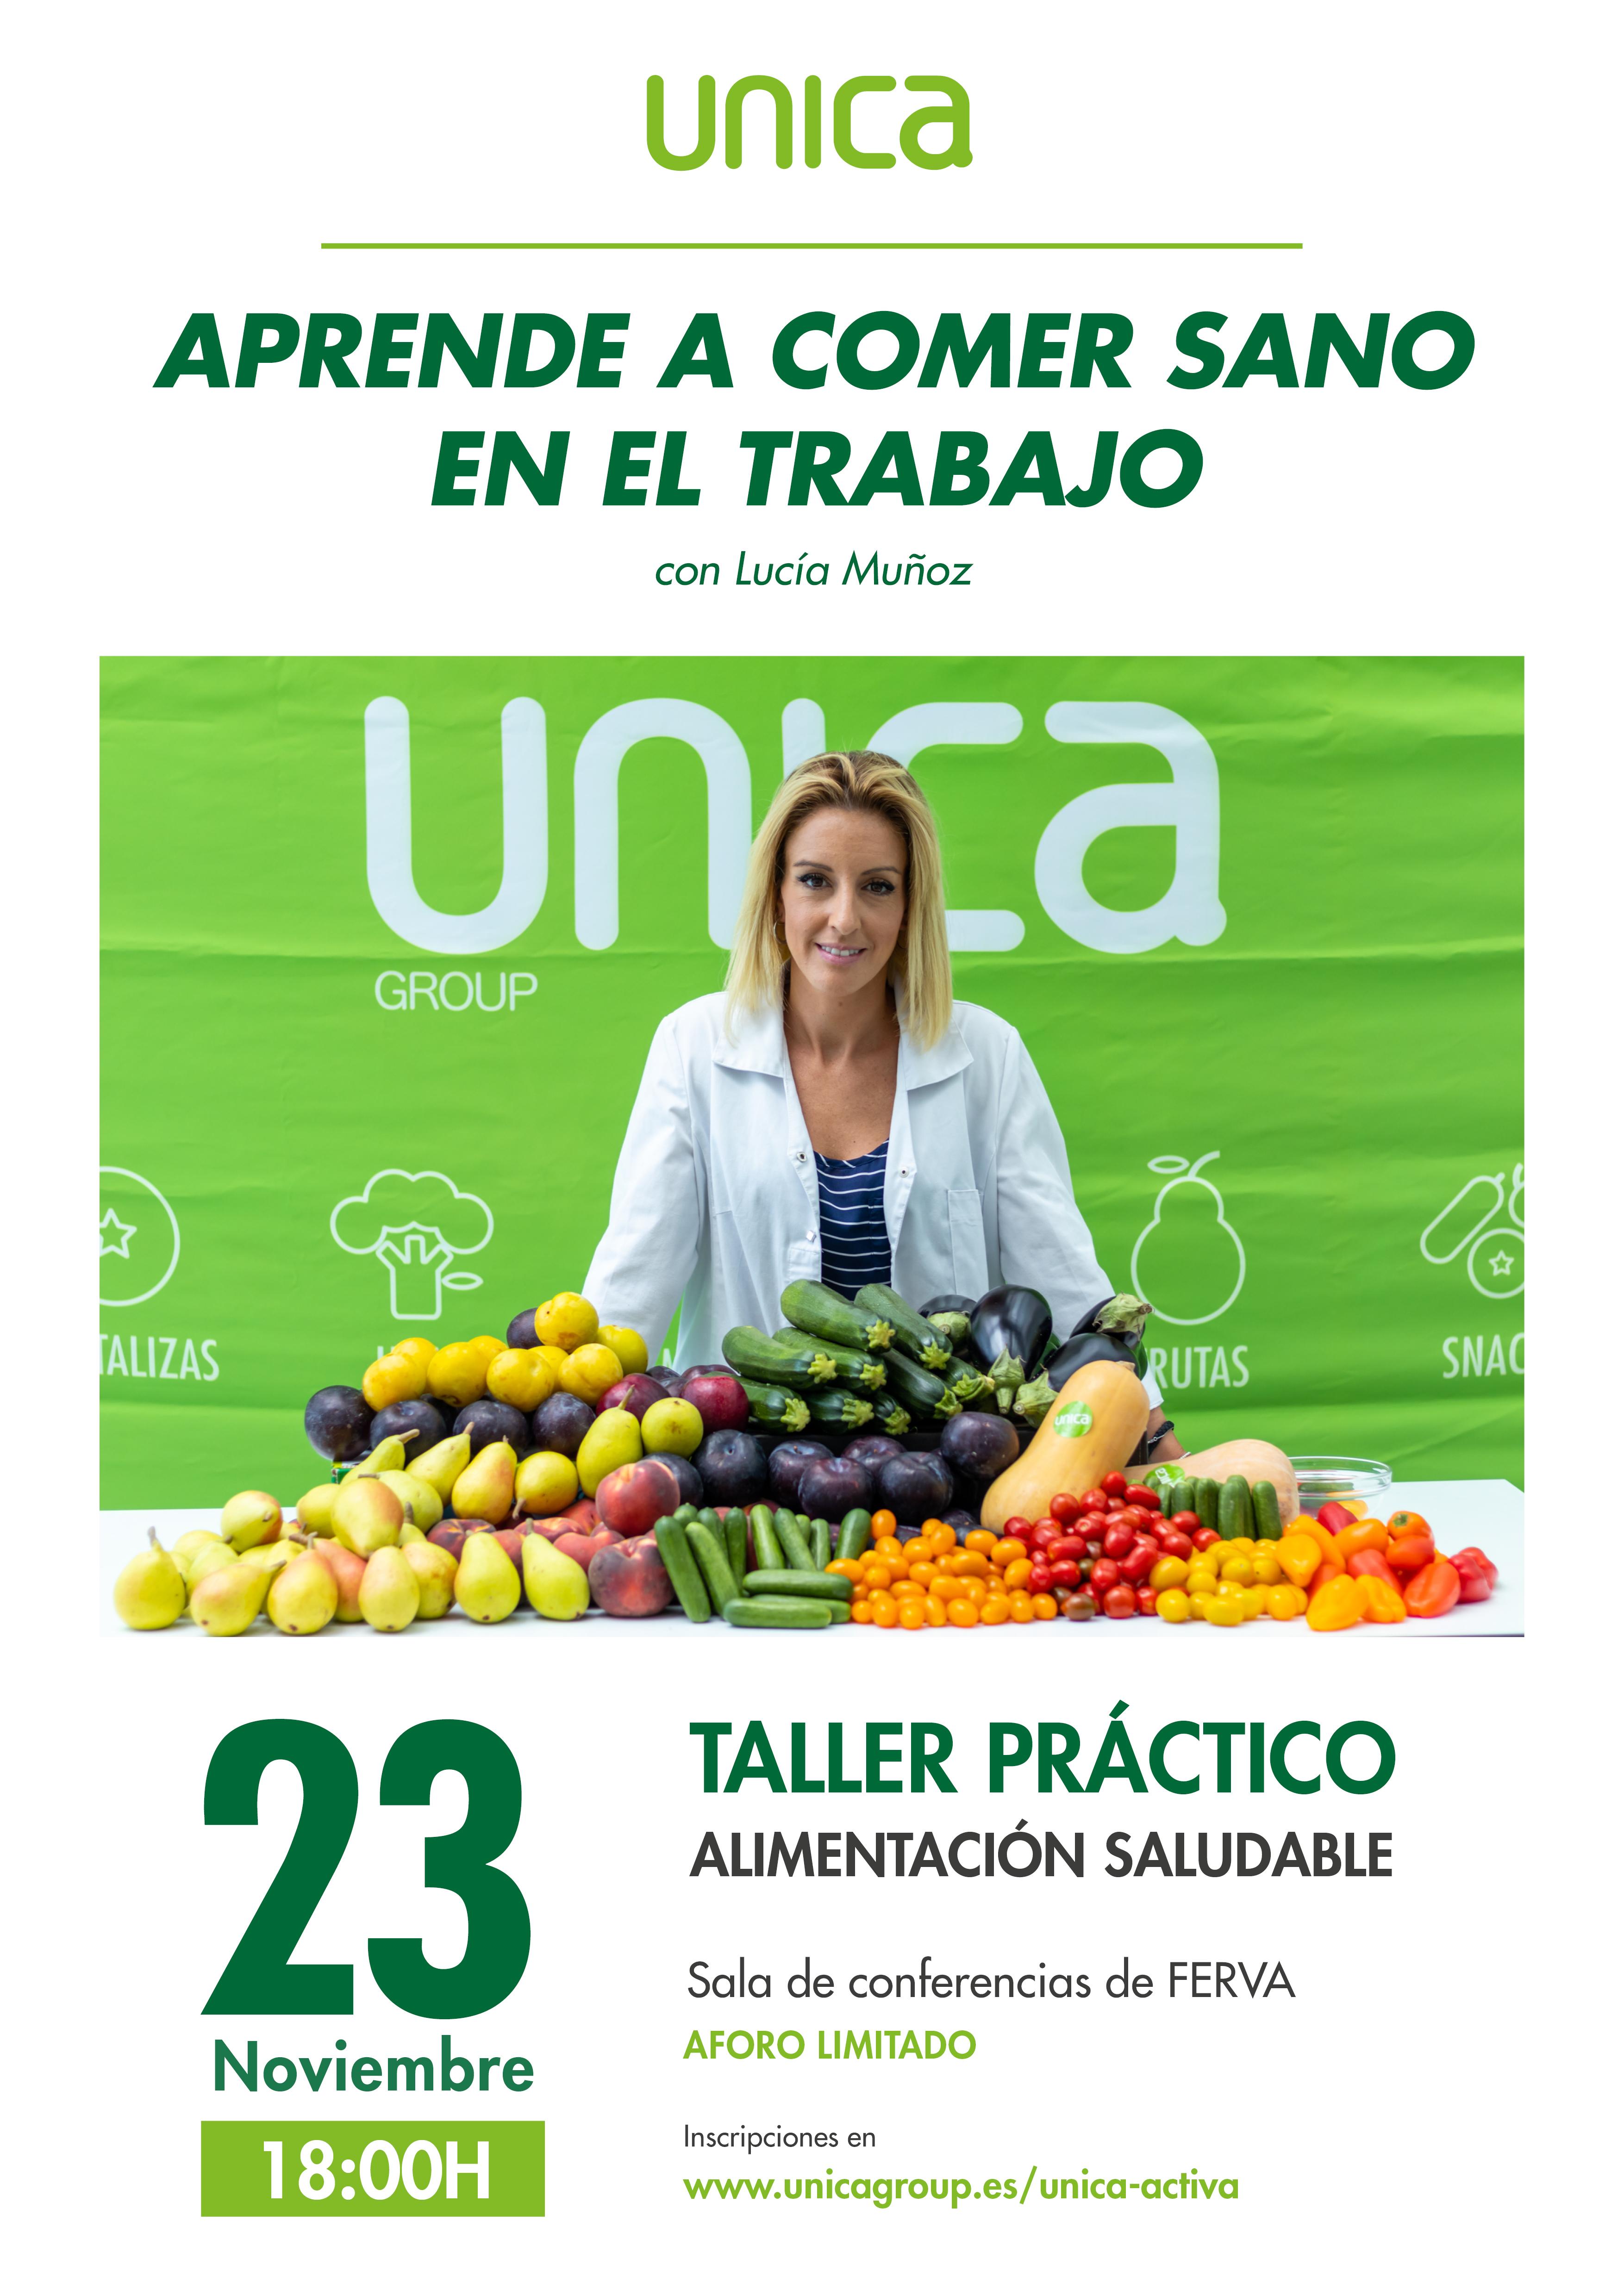 Taller práctico alimentación saludable